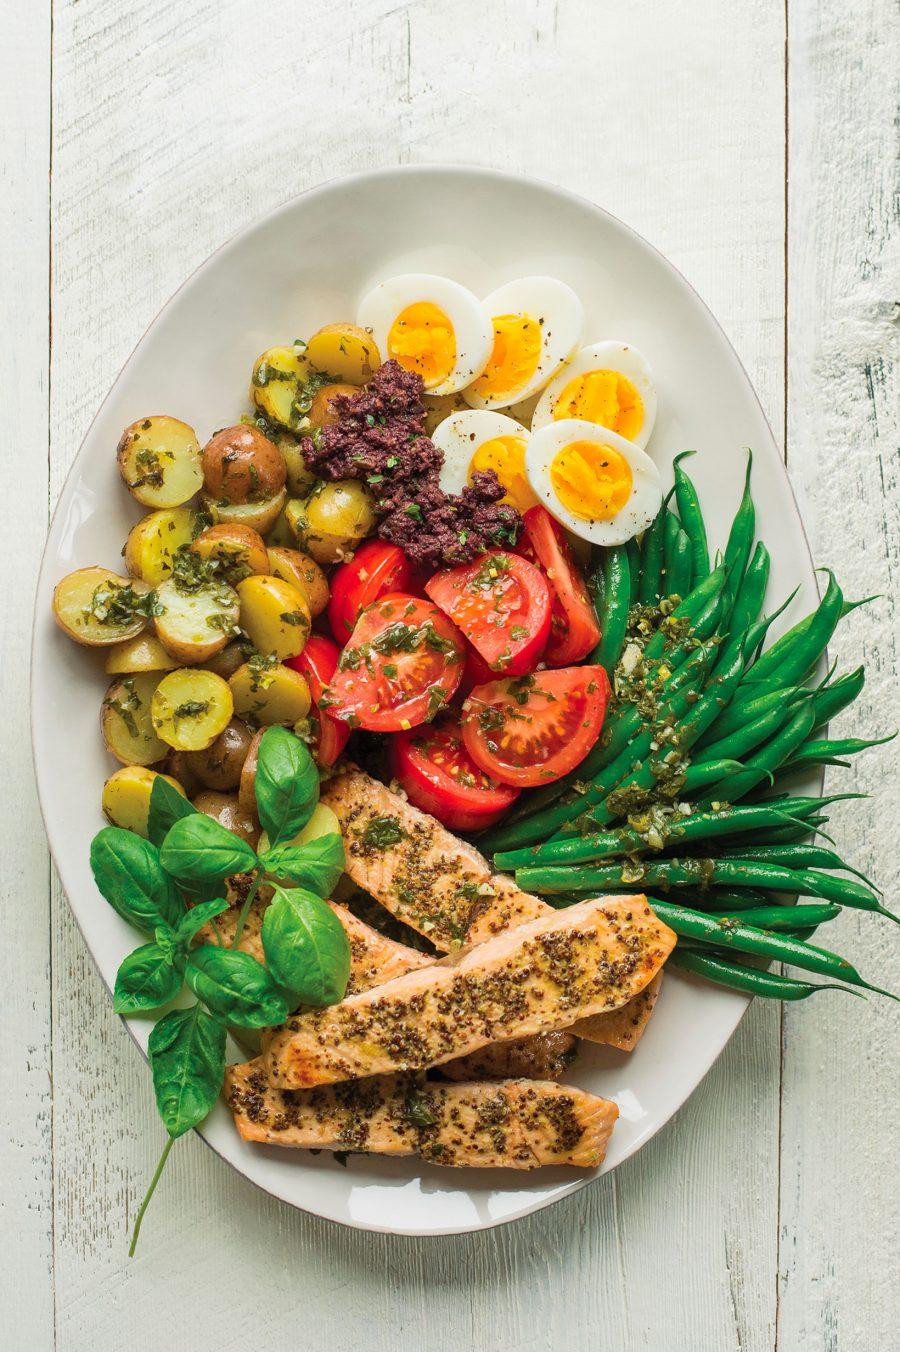 Savoureuses salades-repas